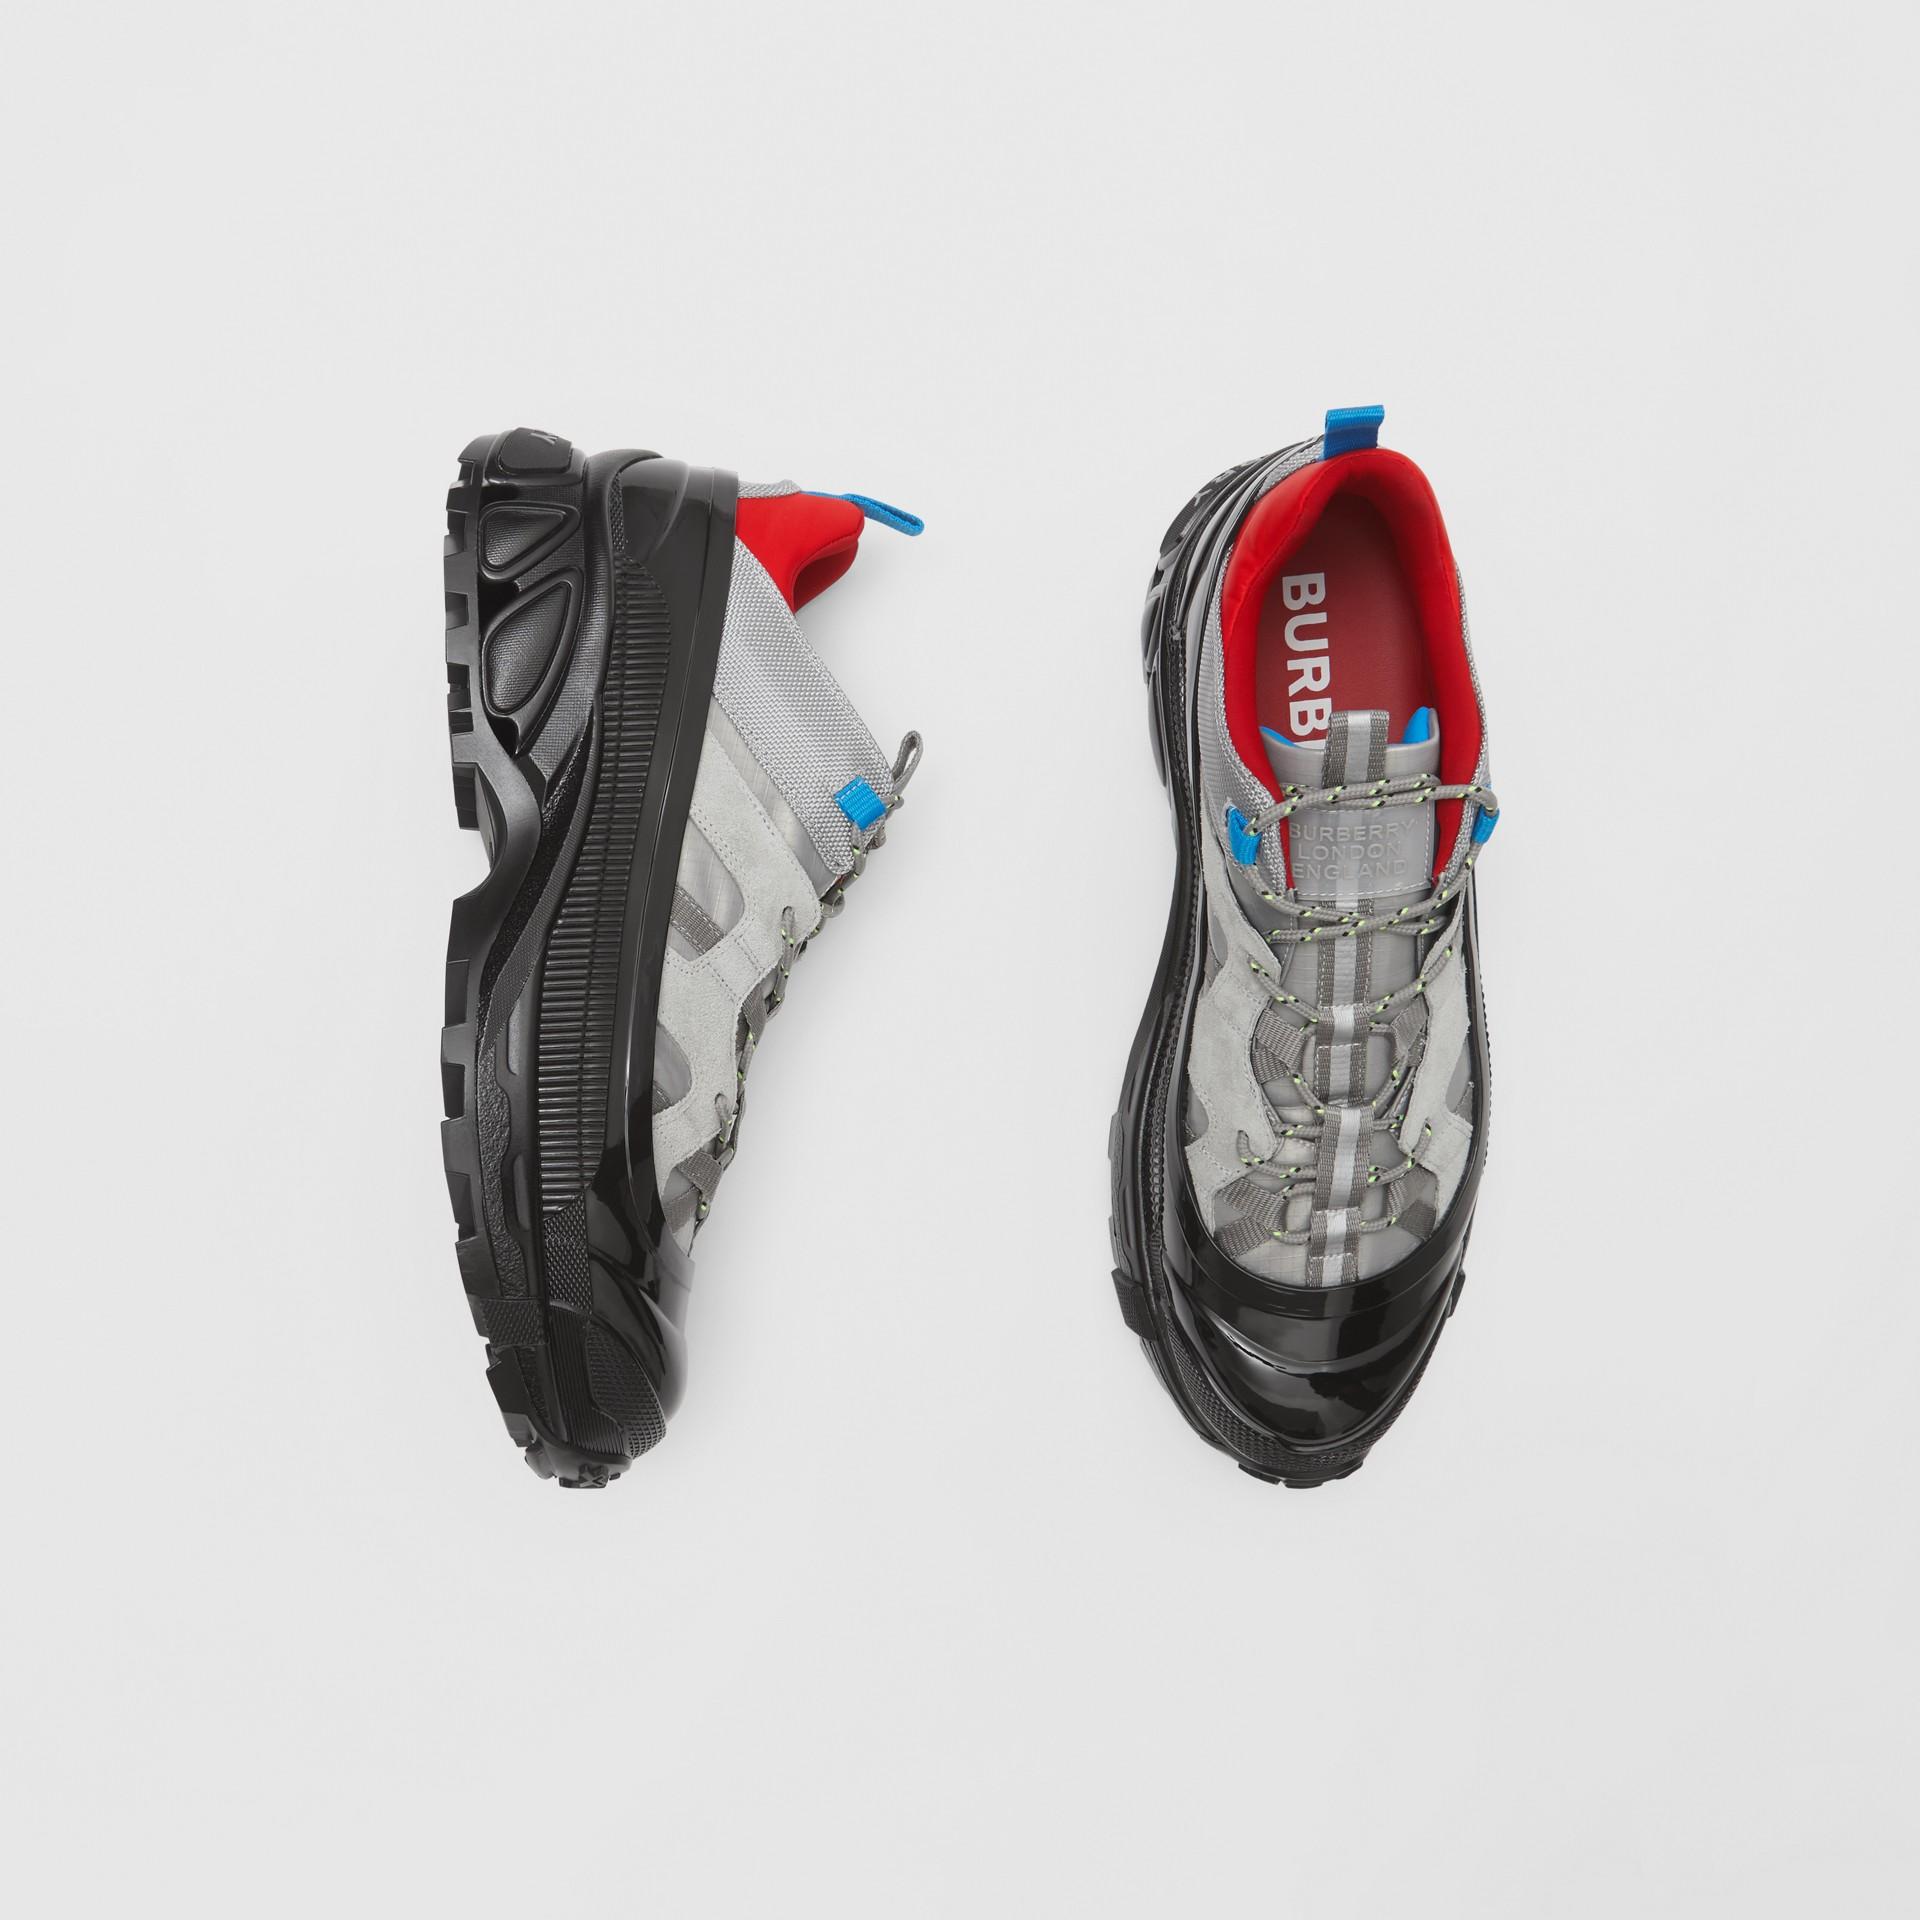 尼龍及麂皮 Arthur 運動鞋 (灰藍色) | Burberry - 圖庫照片 0